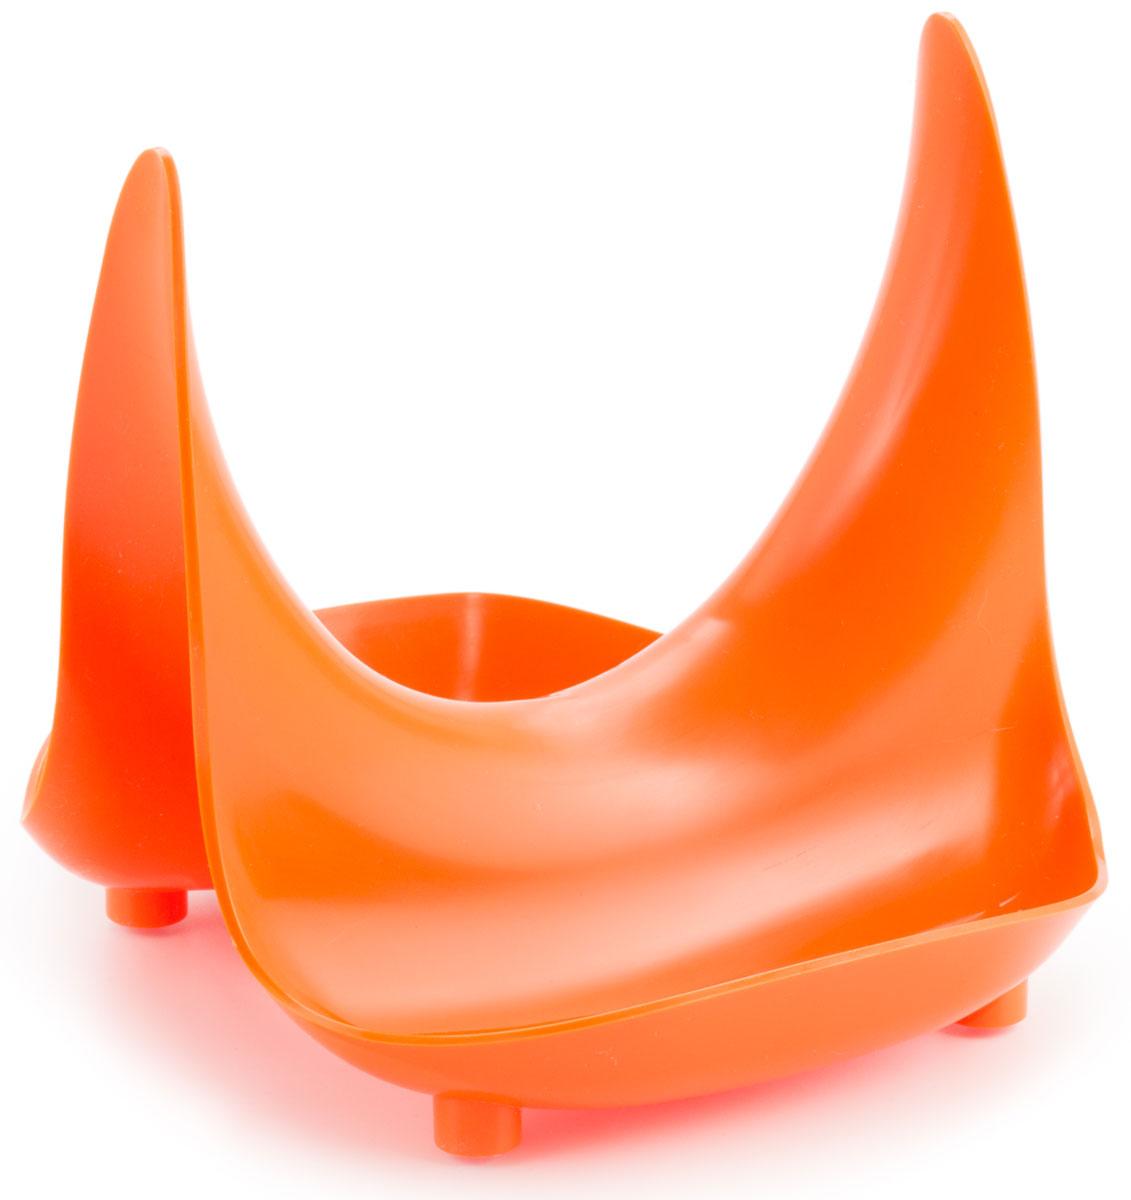 Подставка Berossi Rimi, универсальная, цвет: оранжевый, 18,3 х 16,5 х 15,7 смИК 24240000Практичный аксессуар экономит рабочее пространство и просто незаменим во время готовки! Больше не нужно думать, куда положить половник, ложку или горячую крышку так, чтобы не испачкать кухонную поверхность. Весь конденсат с крышки стекает в углубление подставки.Двусторонняя возможность использования: можно хранить одновременно несколько предметов.Подходит для крышек любого диаметра.Помогает поддерживать чистоту и порядок во время готовки.Специальные антискользящие ножки для максимально удобного использования.